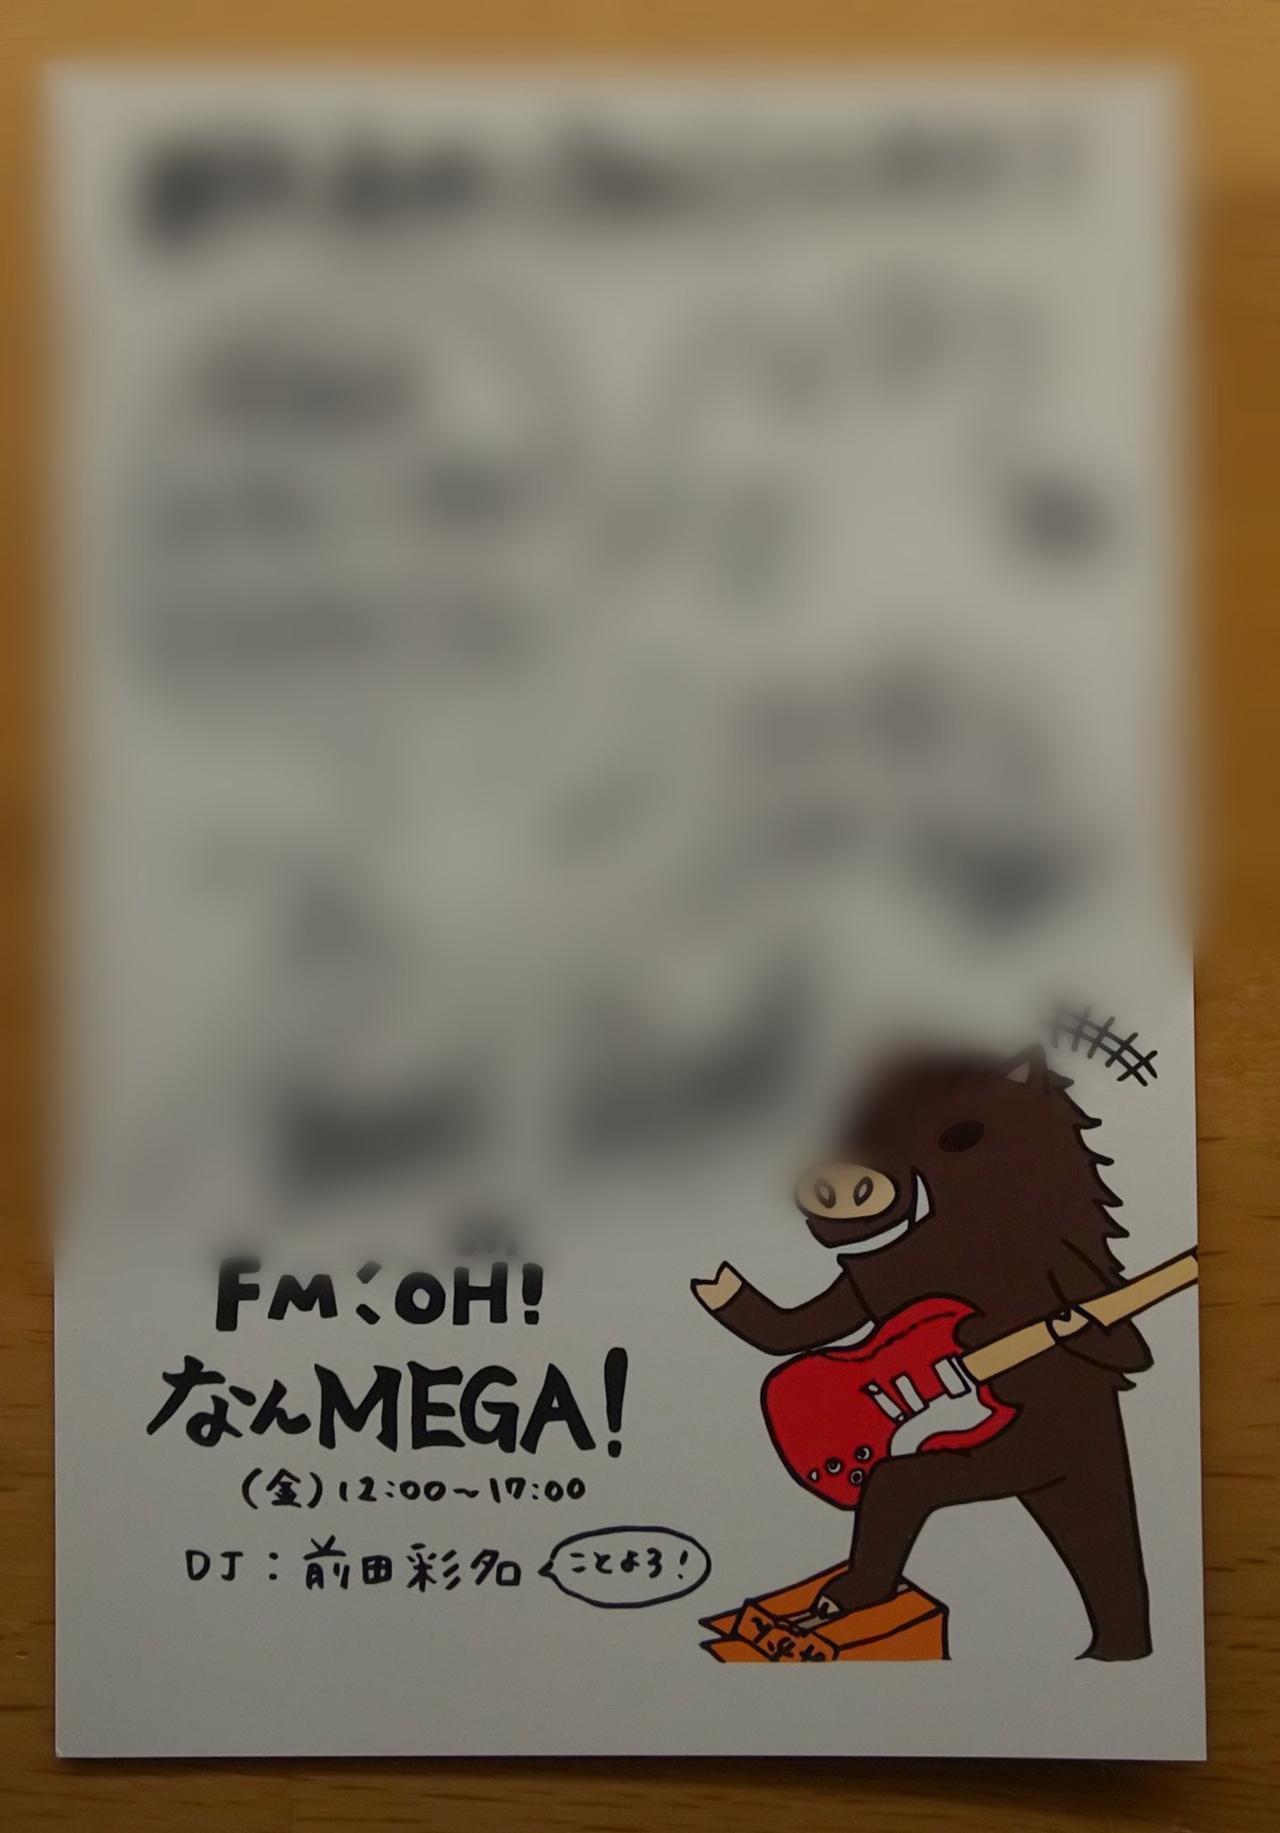 画像24: FM OH! なんMEGA! on Twitter twitter.com